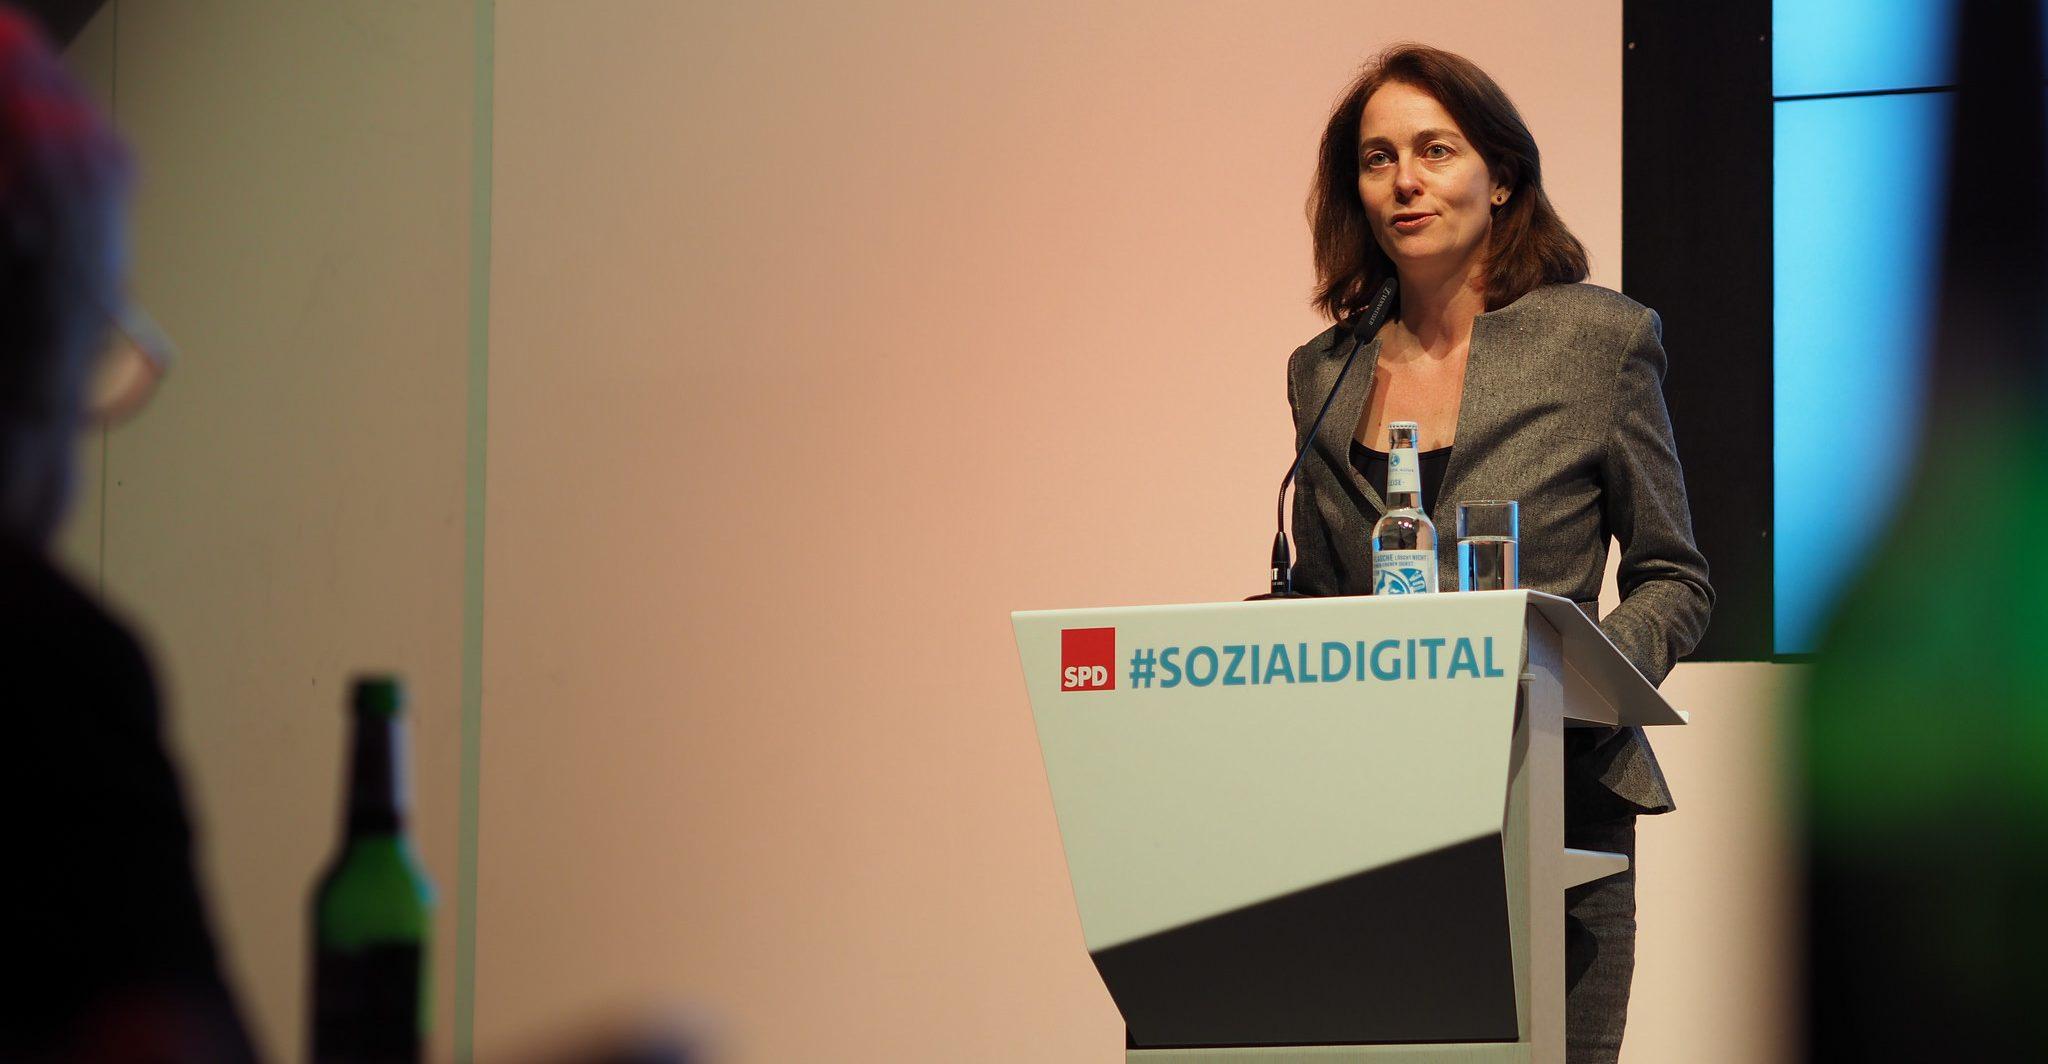 Katarina Barley übernahm im Juni das Amt der Bundesfamilienministerin von Manuela Schwesig, die Minsterpräsidentin von Mecklenburg-Vorpommern wurde. Foto: Steffen Voß / flickr (CC BY 2.0)